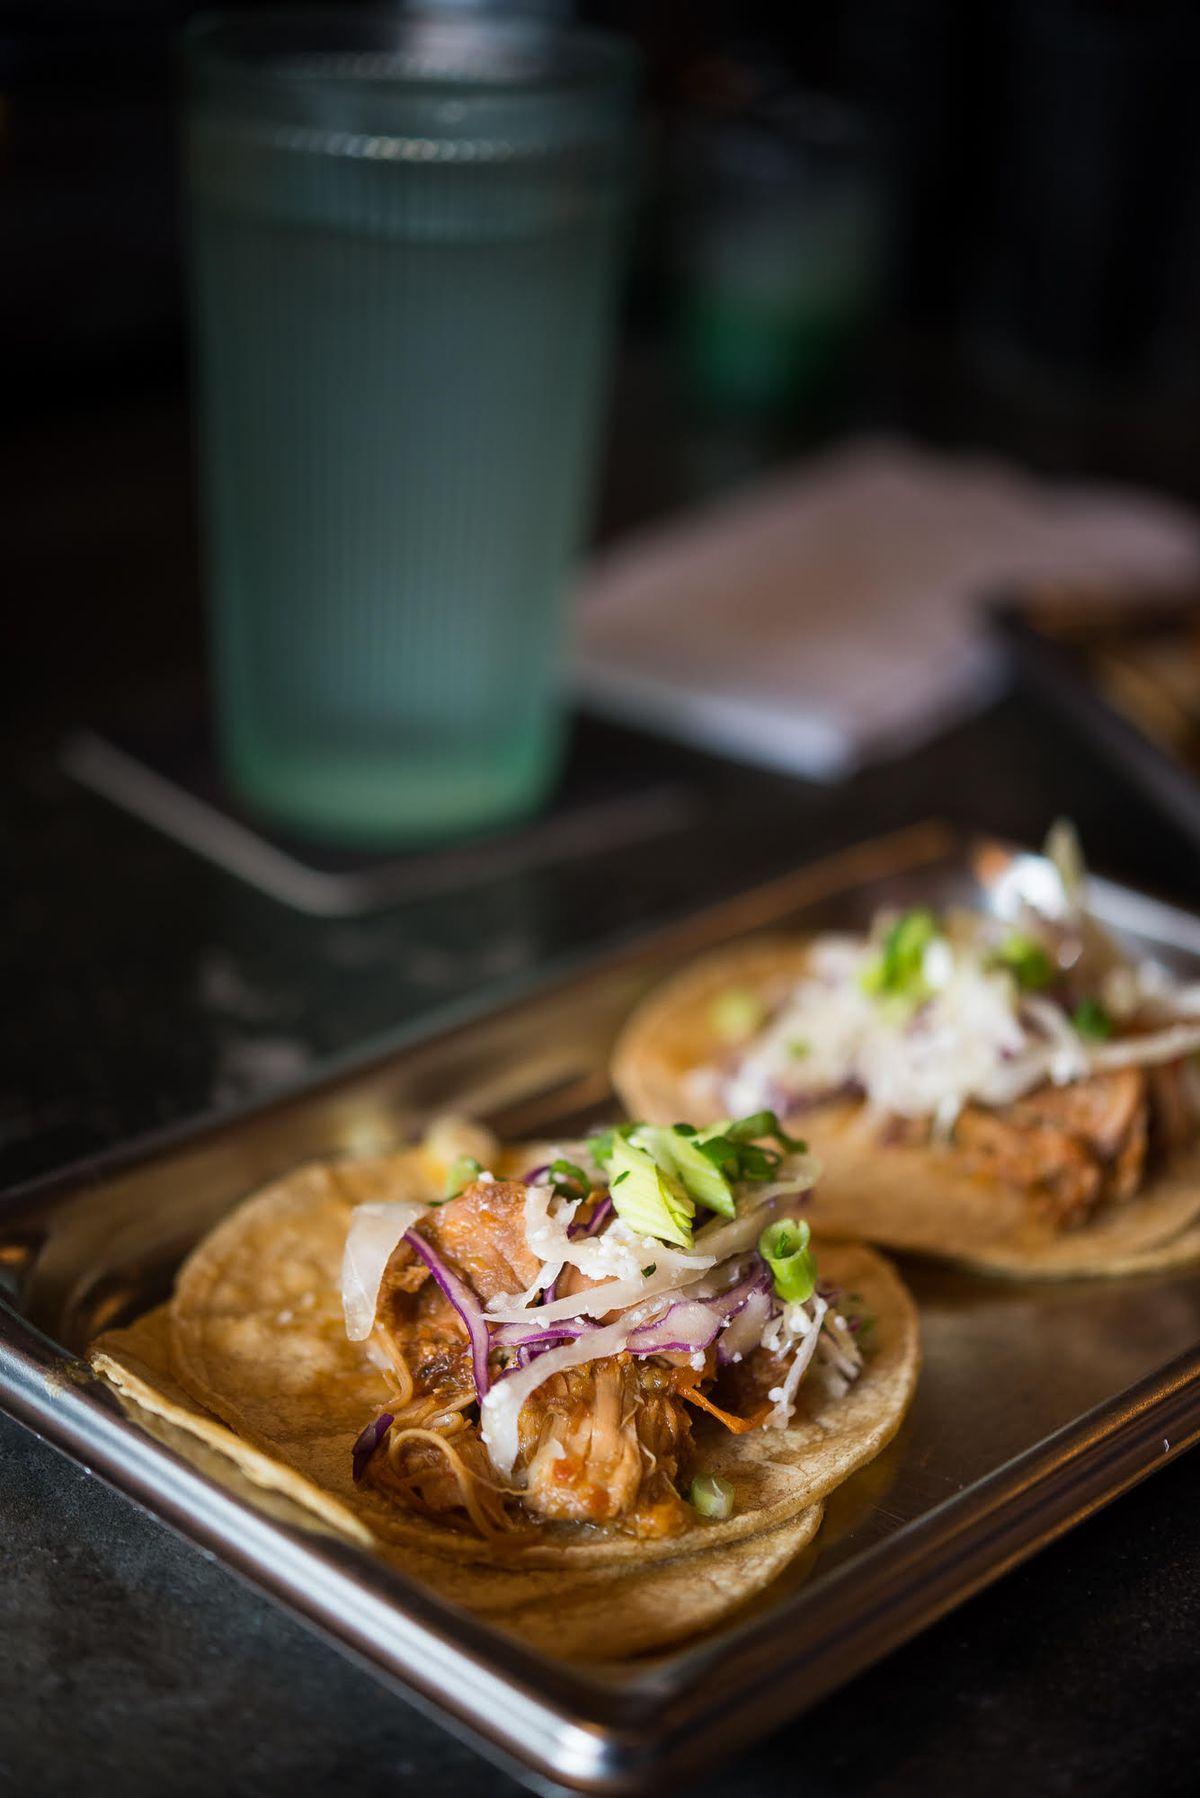 Tacos at El Chucho [Photo: R. Lopez]